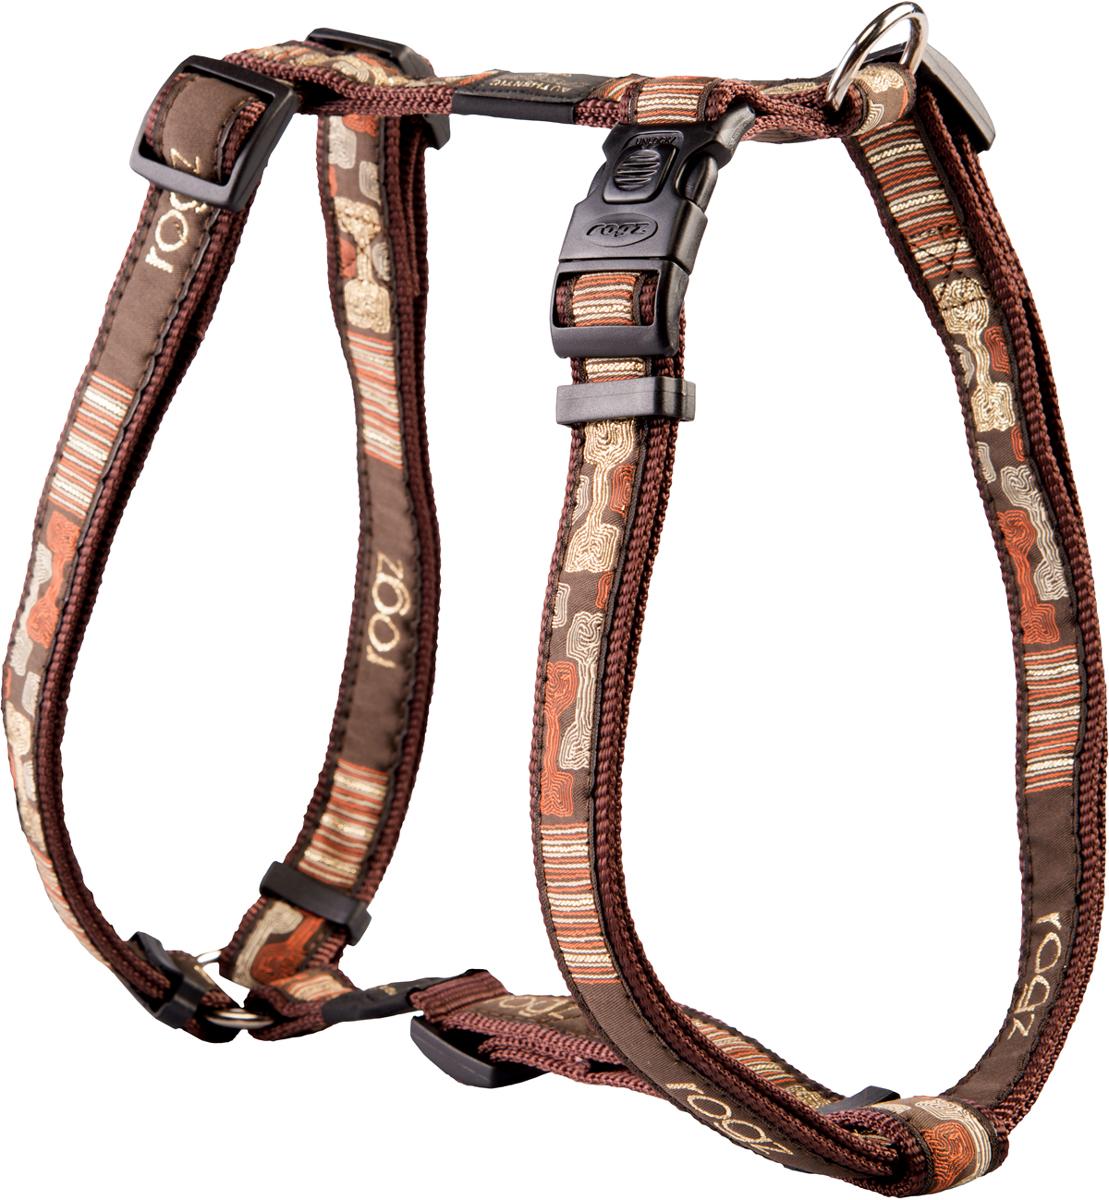 Шлейка для собак Rogz Fancy Dress, ширина 2,5 см. Размер XL. SJ02CE0120710Необычный дизайн. Широкая гамма потрясающе красивых орнаментов на прочной тесьме поверх нейлоновой ленты украсит Вашего питомца.Застегивается, не доставляя неудобство собаке.Специальная конструкция пряжки Rog Loc - очень крепкая(система Fort Knox). Замок может быть расстегнут только рукой человека.С помощью системы ремней изделие подгоняется под животного индивидуально.Необыкновенно крепкая и прочная шлейка.Выполненные по заказу литые кольца выдерживают значительные физические нагрузки и имеют хромирование, нанесенное гальваническим способом, что позволяет избежать коррозии и потускнения изделия.Легко можно прикрепить к ошейнику и поводку. Полотно: нейлоновая тесьма. Пряжки: ацетиловый пластик. Кольца: цинковое литье.